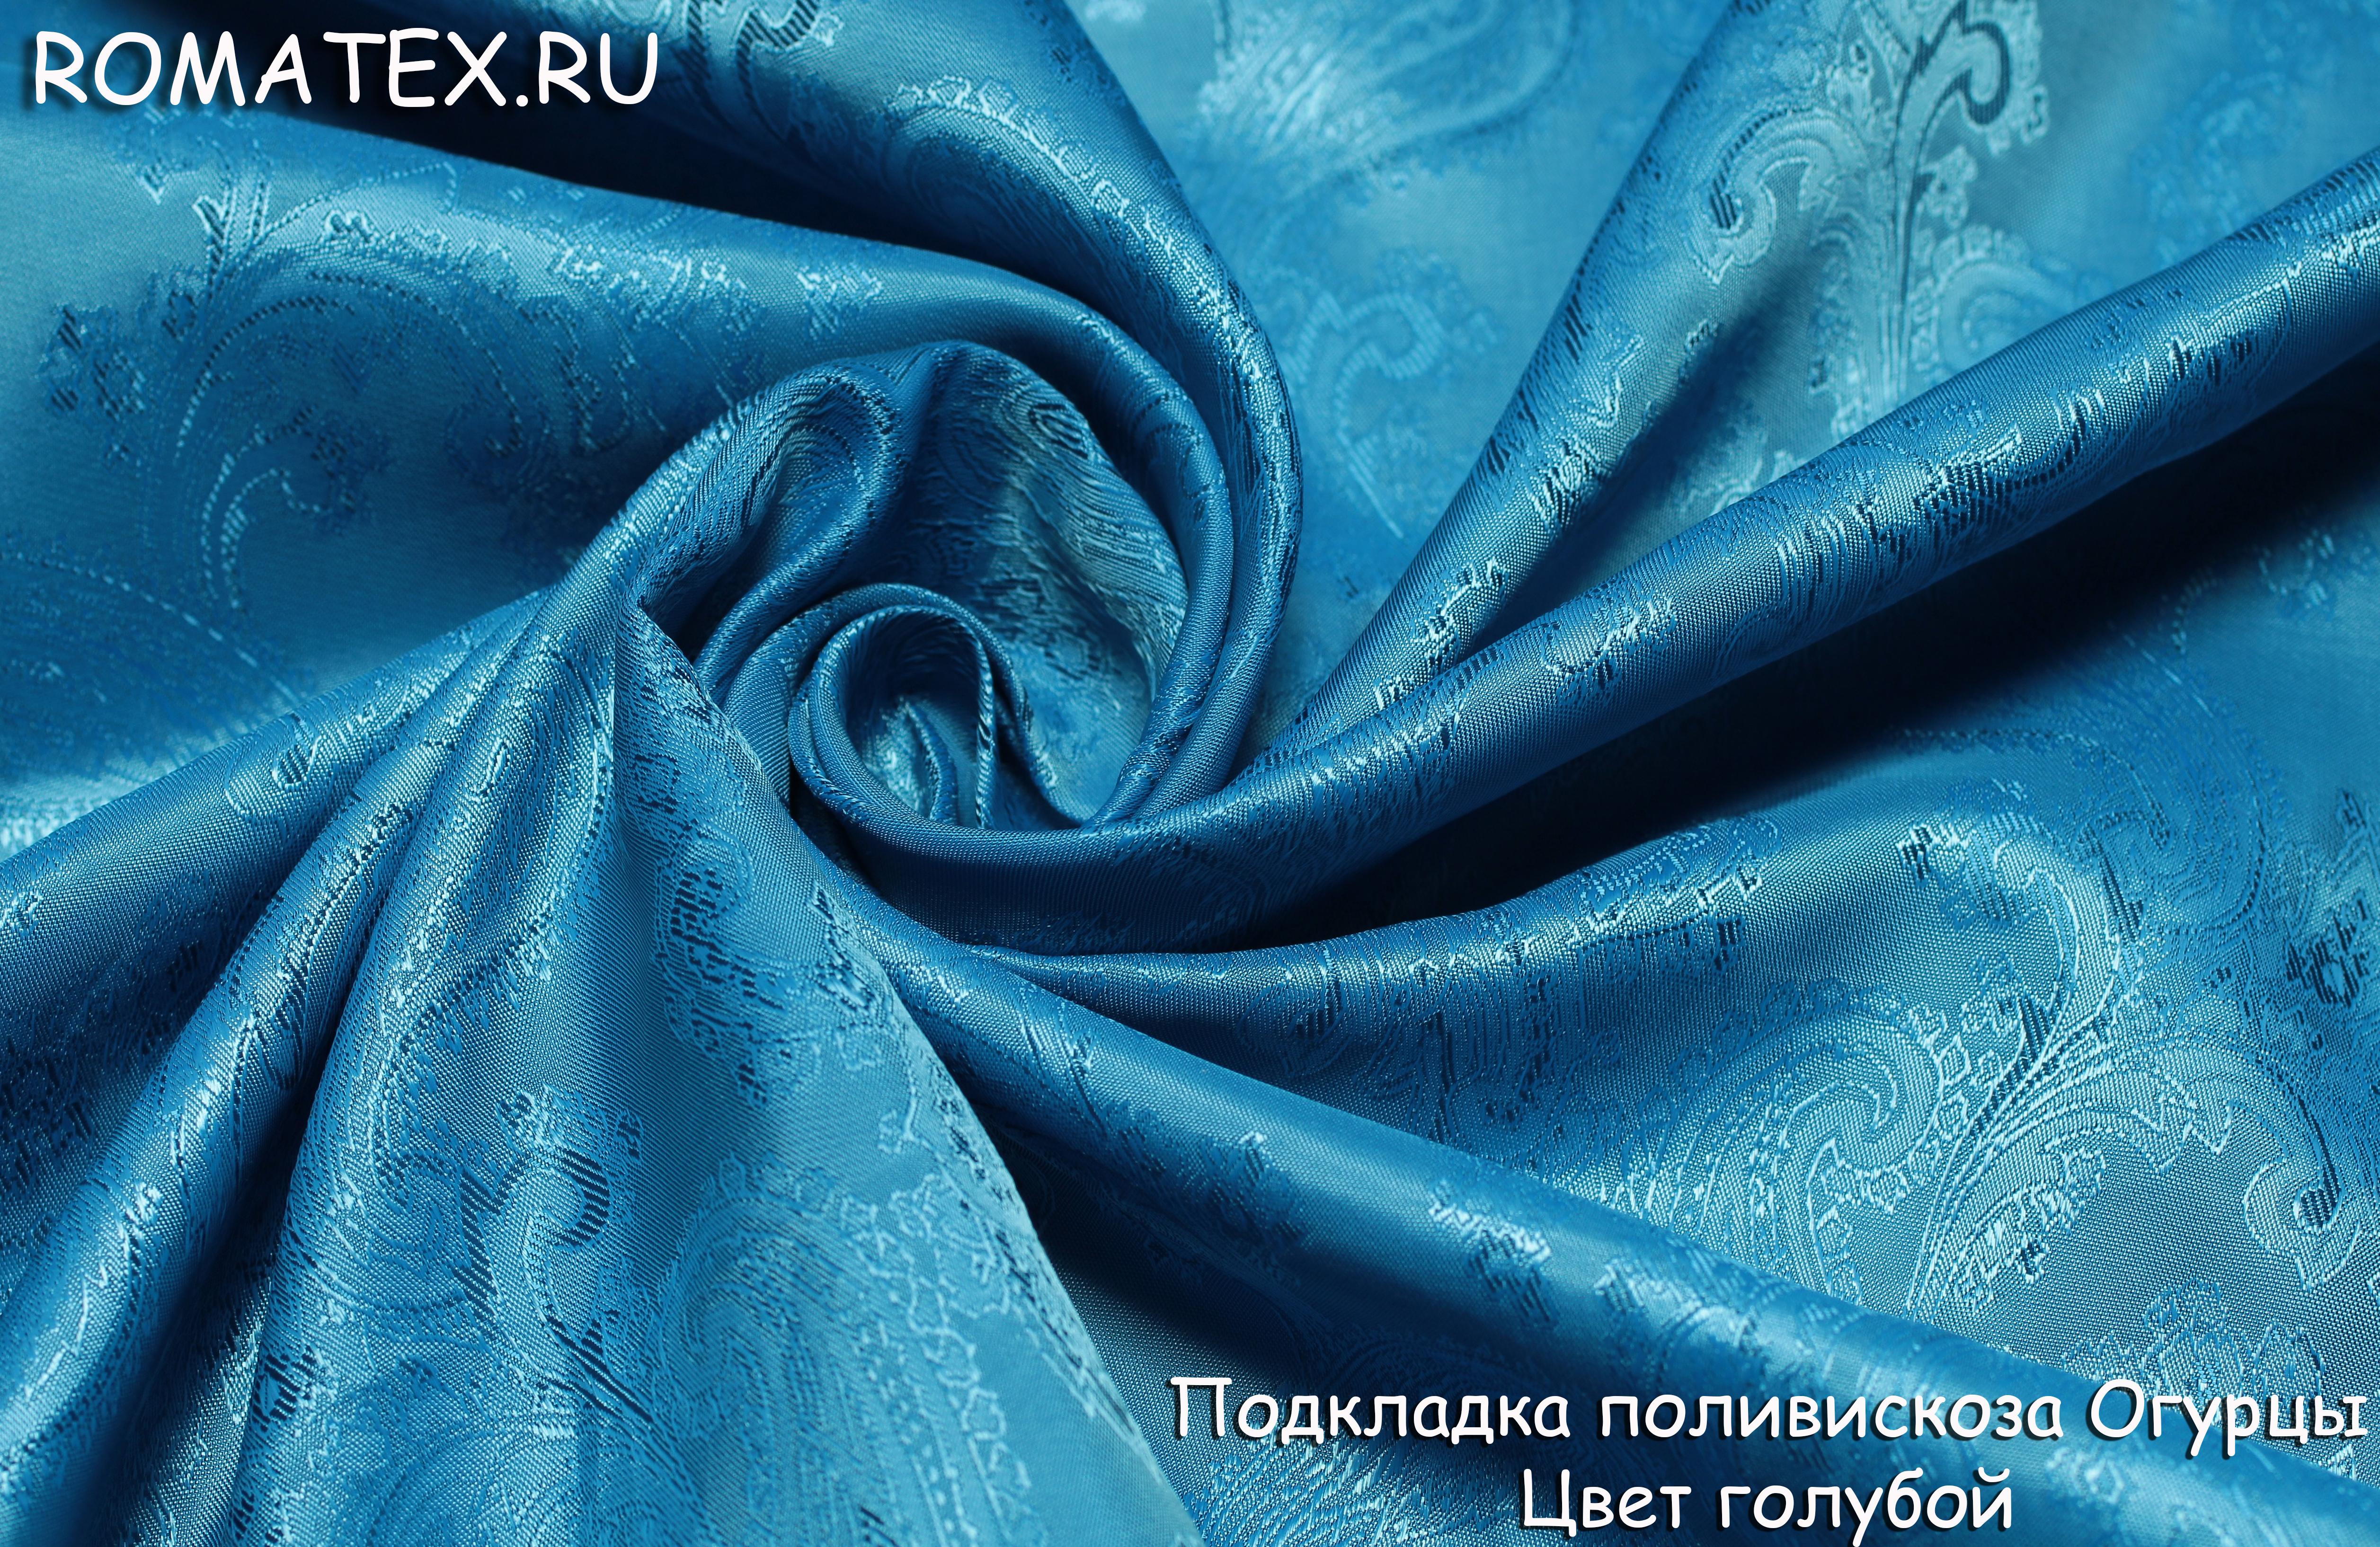 Подкладка поливискоза огурцы  Цвет голубой